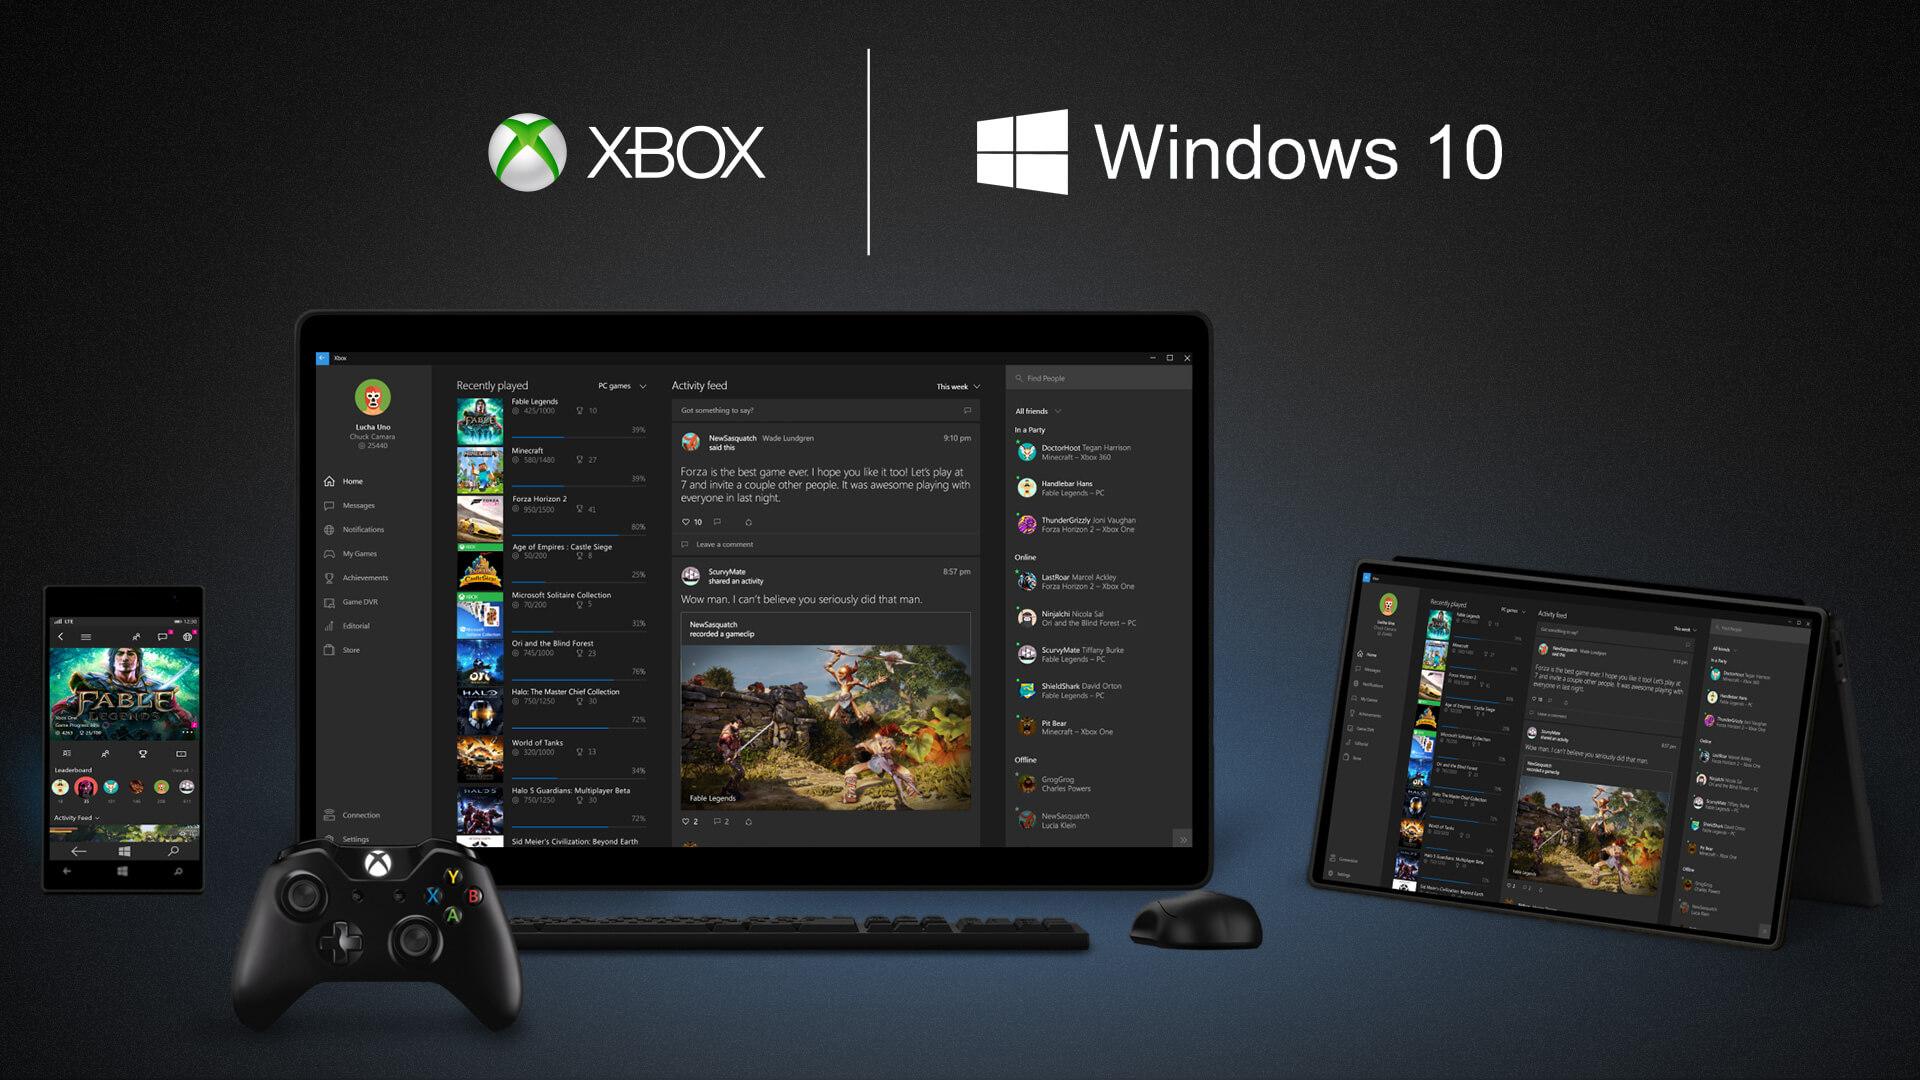 Xbox-App-On-Windows-10-Devices